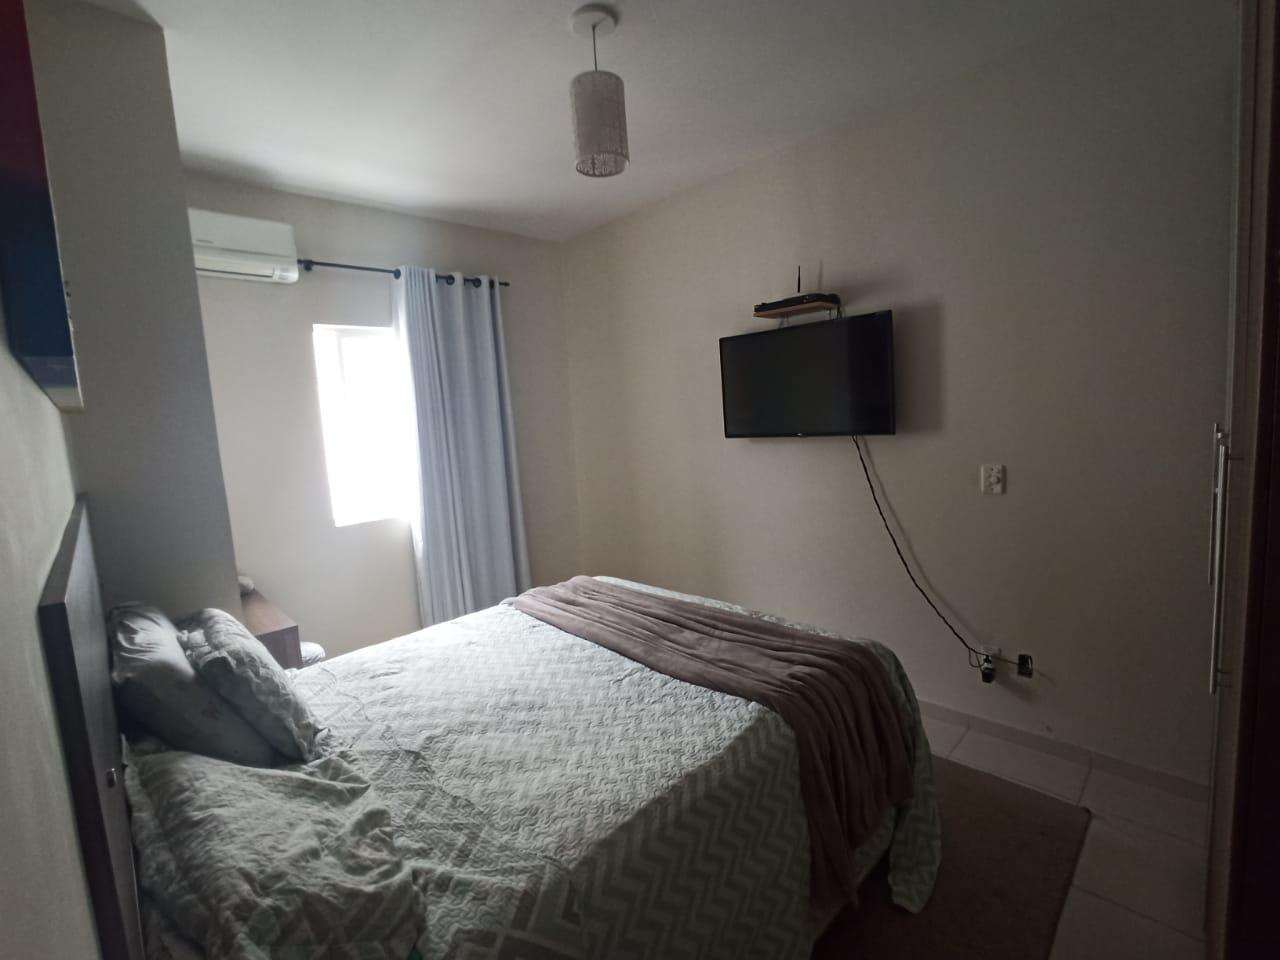 Casa com 3 quartos, sendo um suíte, sala 2 ambientes, três banheiros e duas vagas de garagem. - foto 14